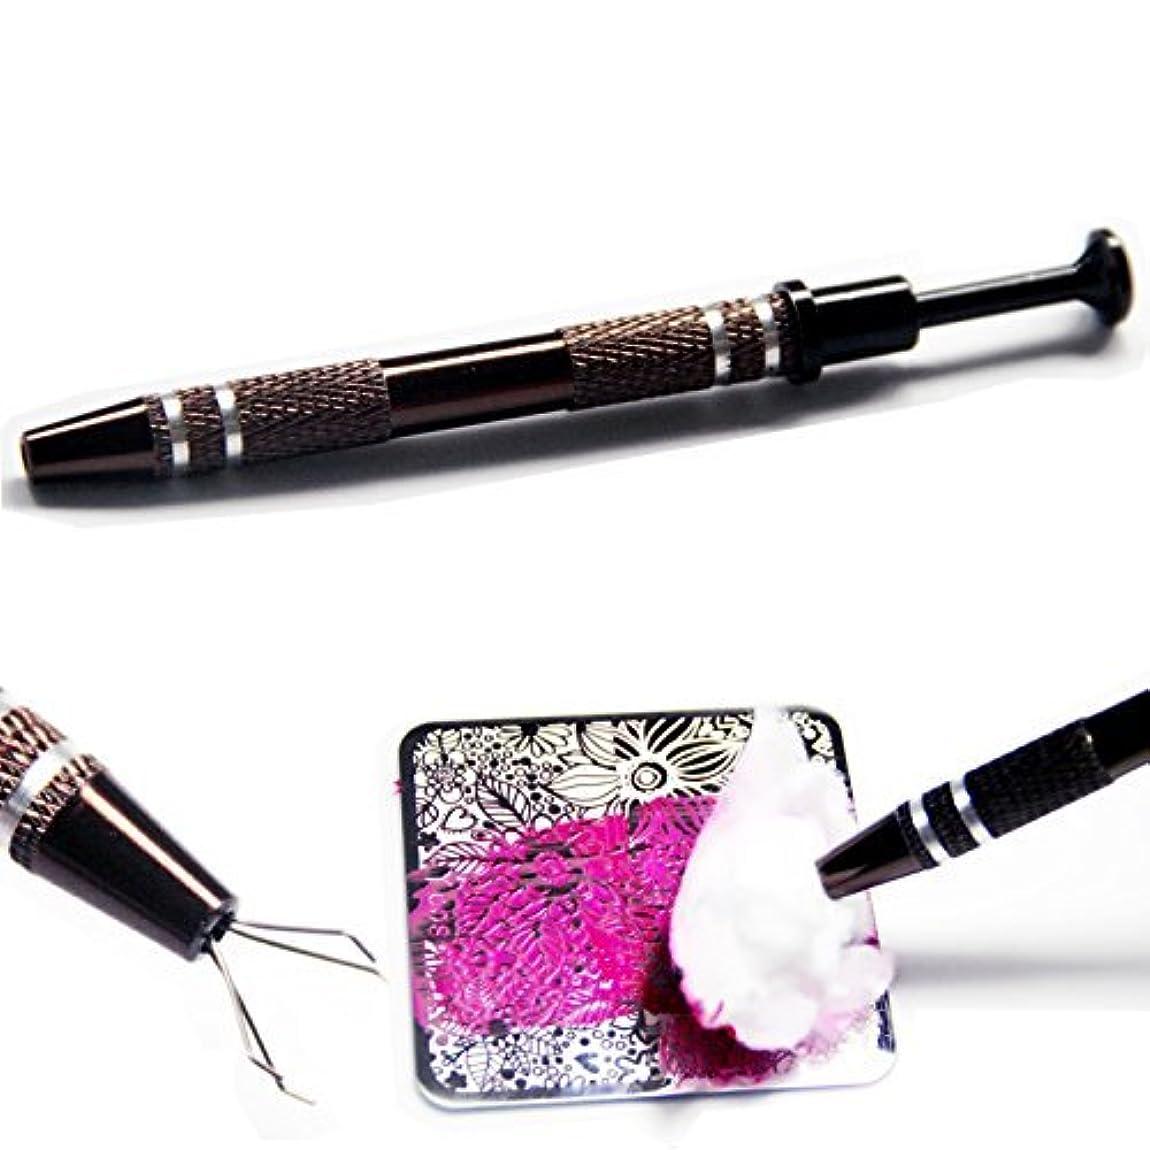 構想する公爵下品イメージプレートクリーニングペン コットンキャッチペン スタンピングネイルツールネイルアートネイル用品